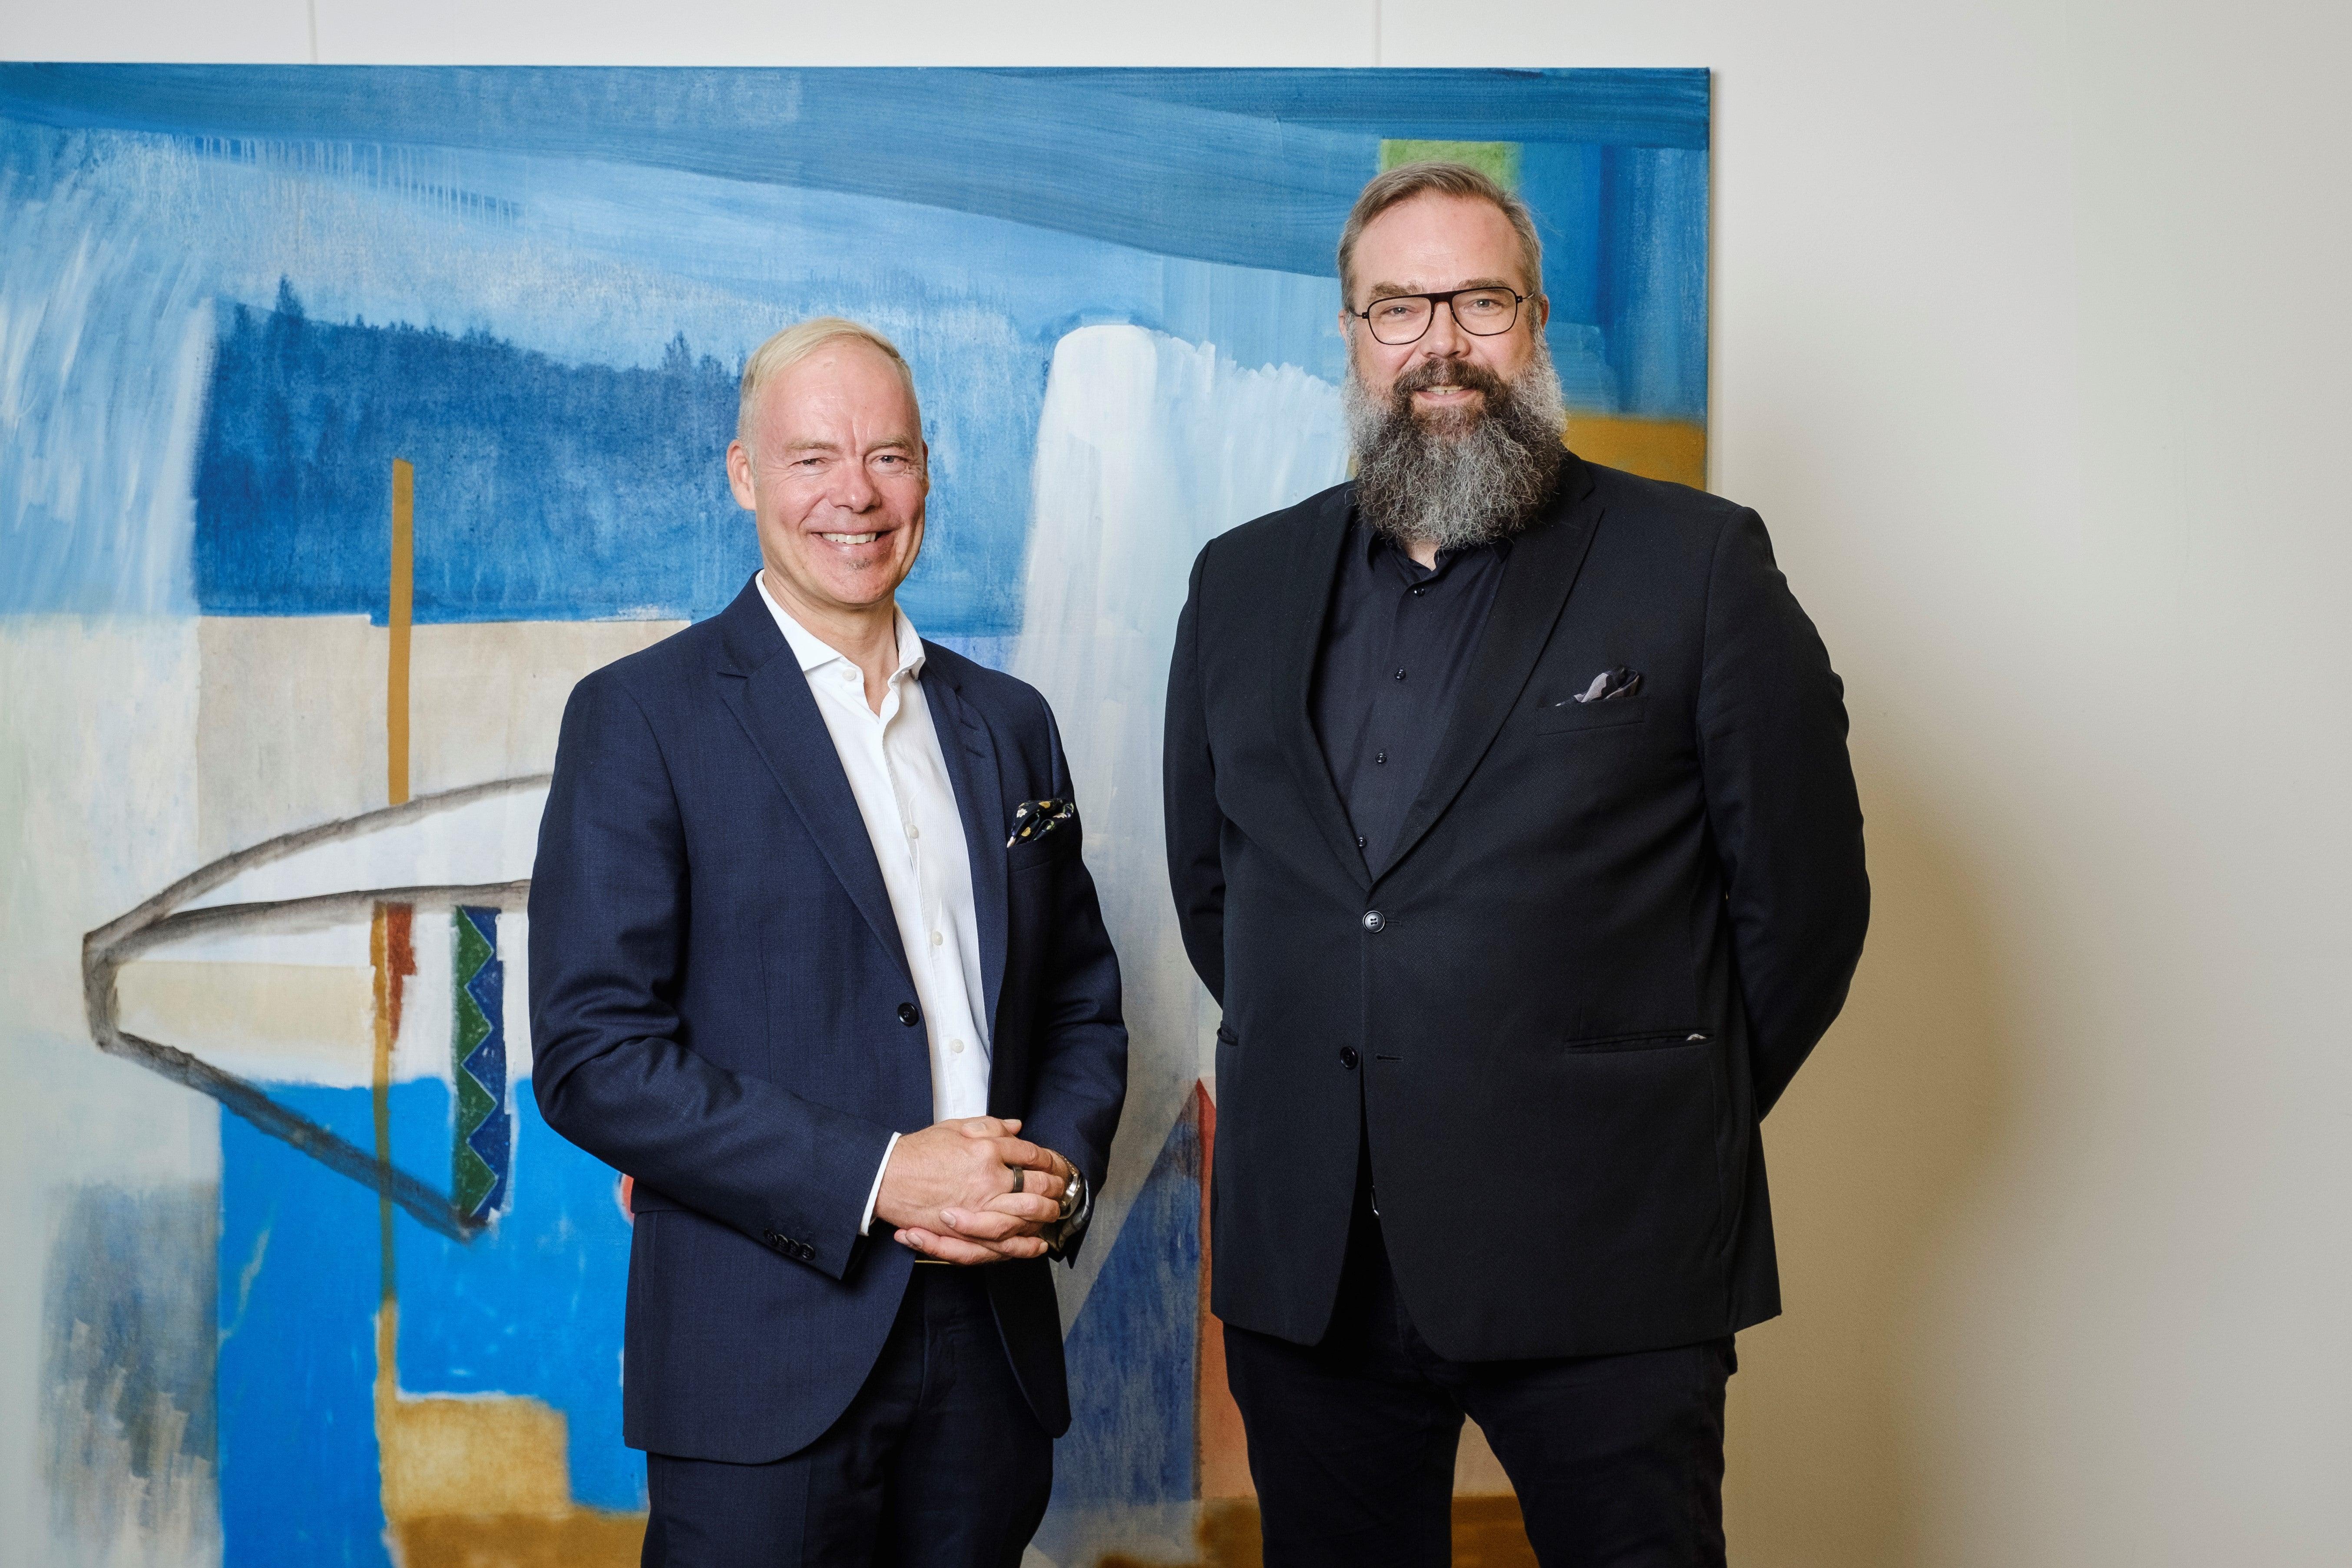 Dentsu Aegis Networkin uusi toimitusjohtaja (1.11.2019 alkaen) Pauli Aalto-Setälä ja väliaikainen toimitusjohtaja, Nordic CEO Paal Fure.